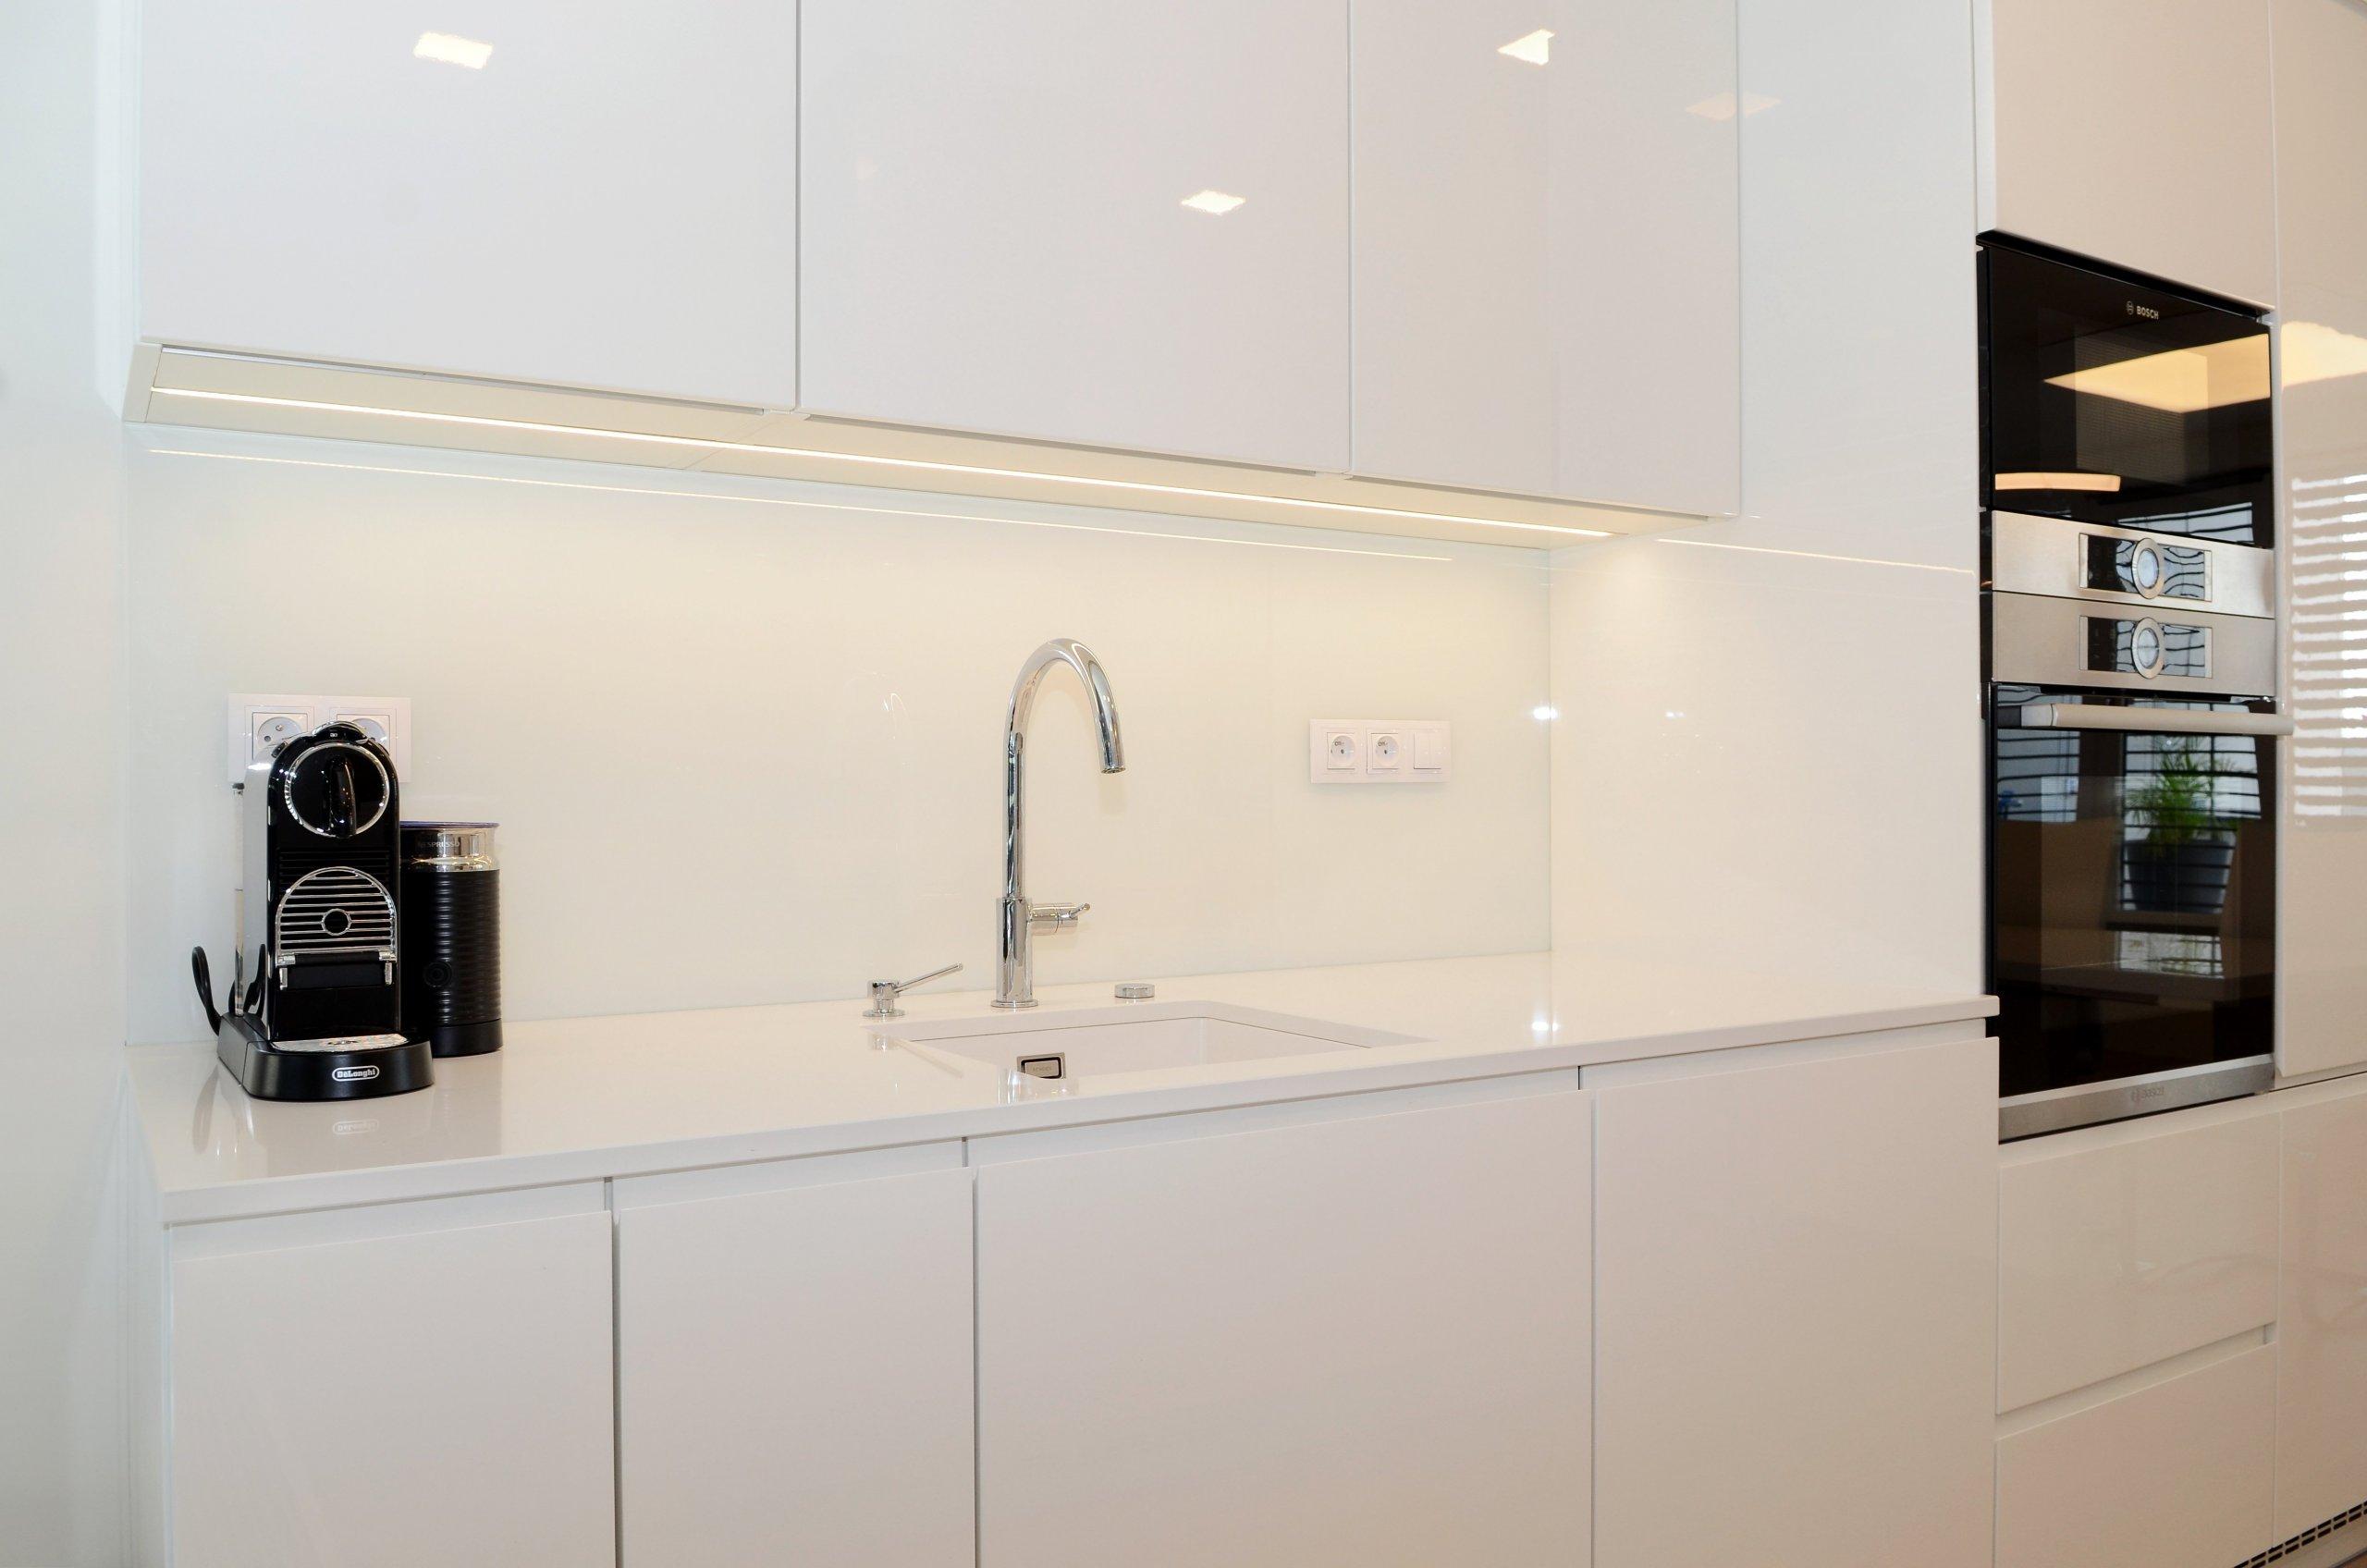 Minimalistický byt vbílé  Už když jsme poprvé viděly plány prostorného bytu s výhledem na brněnskou přehradu, bylo nám jasné, že tento&nbsp…